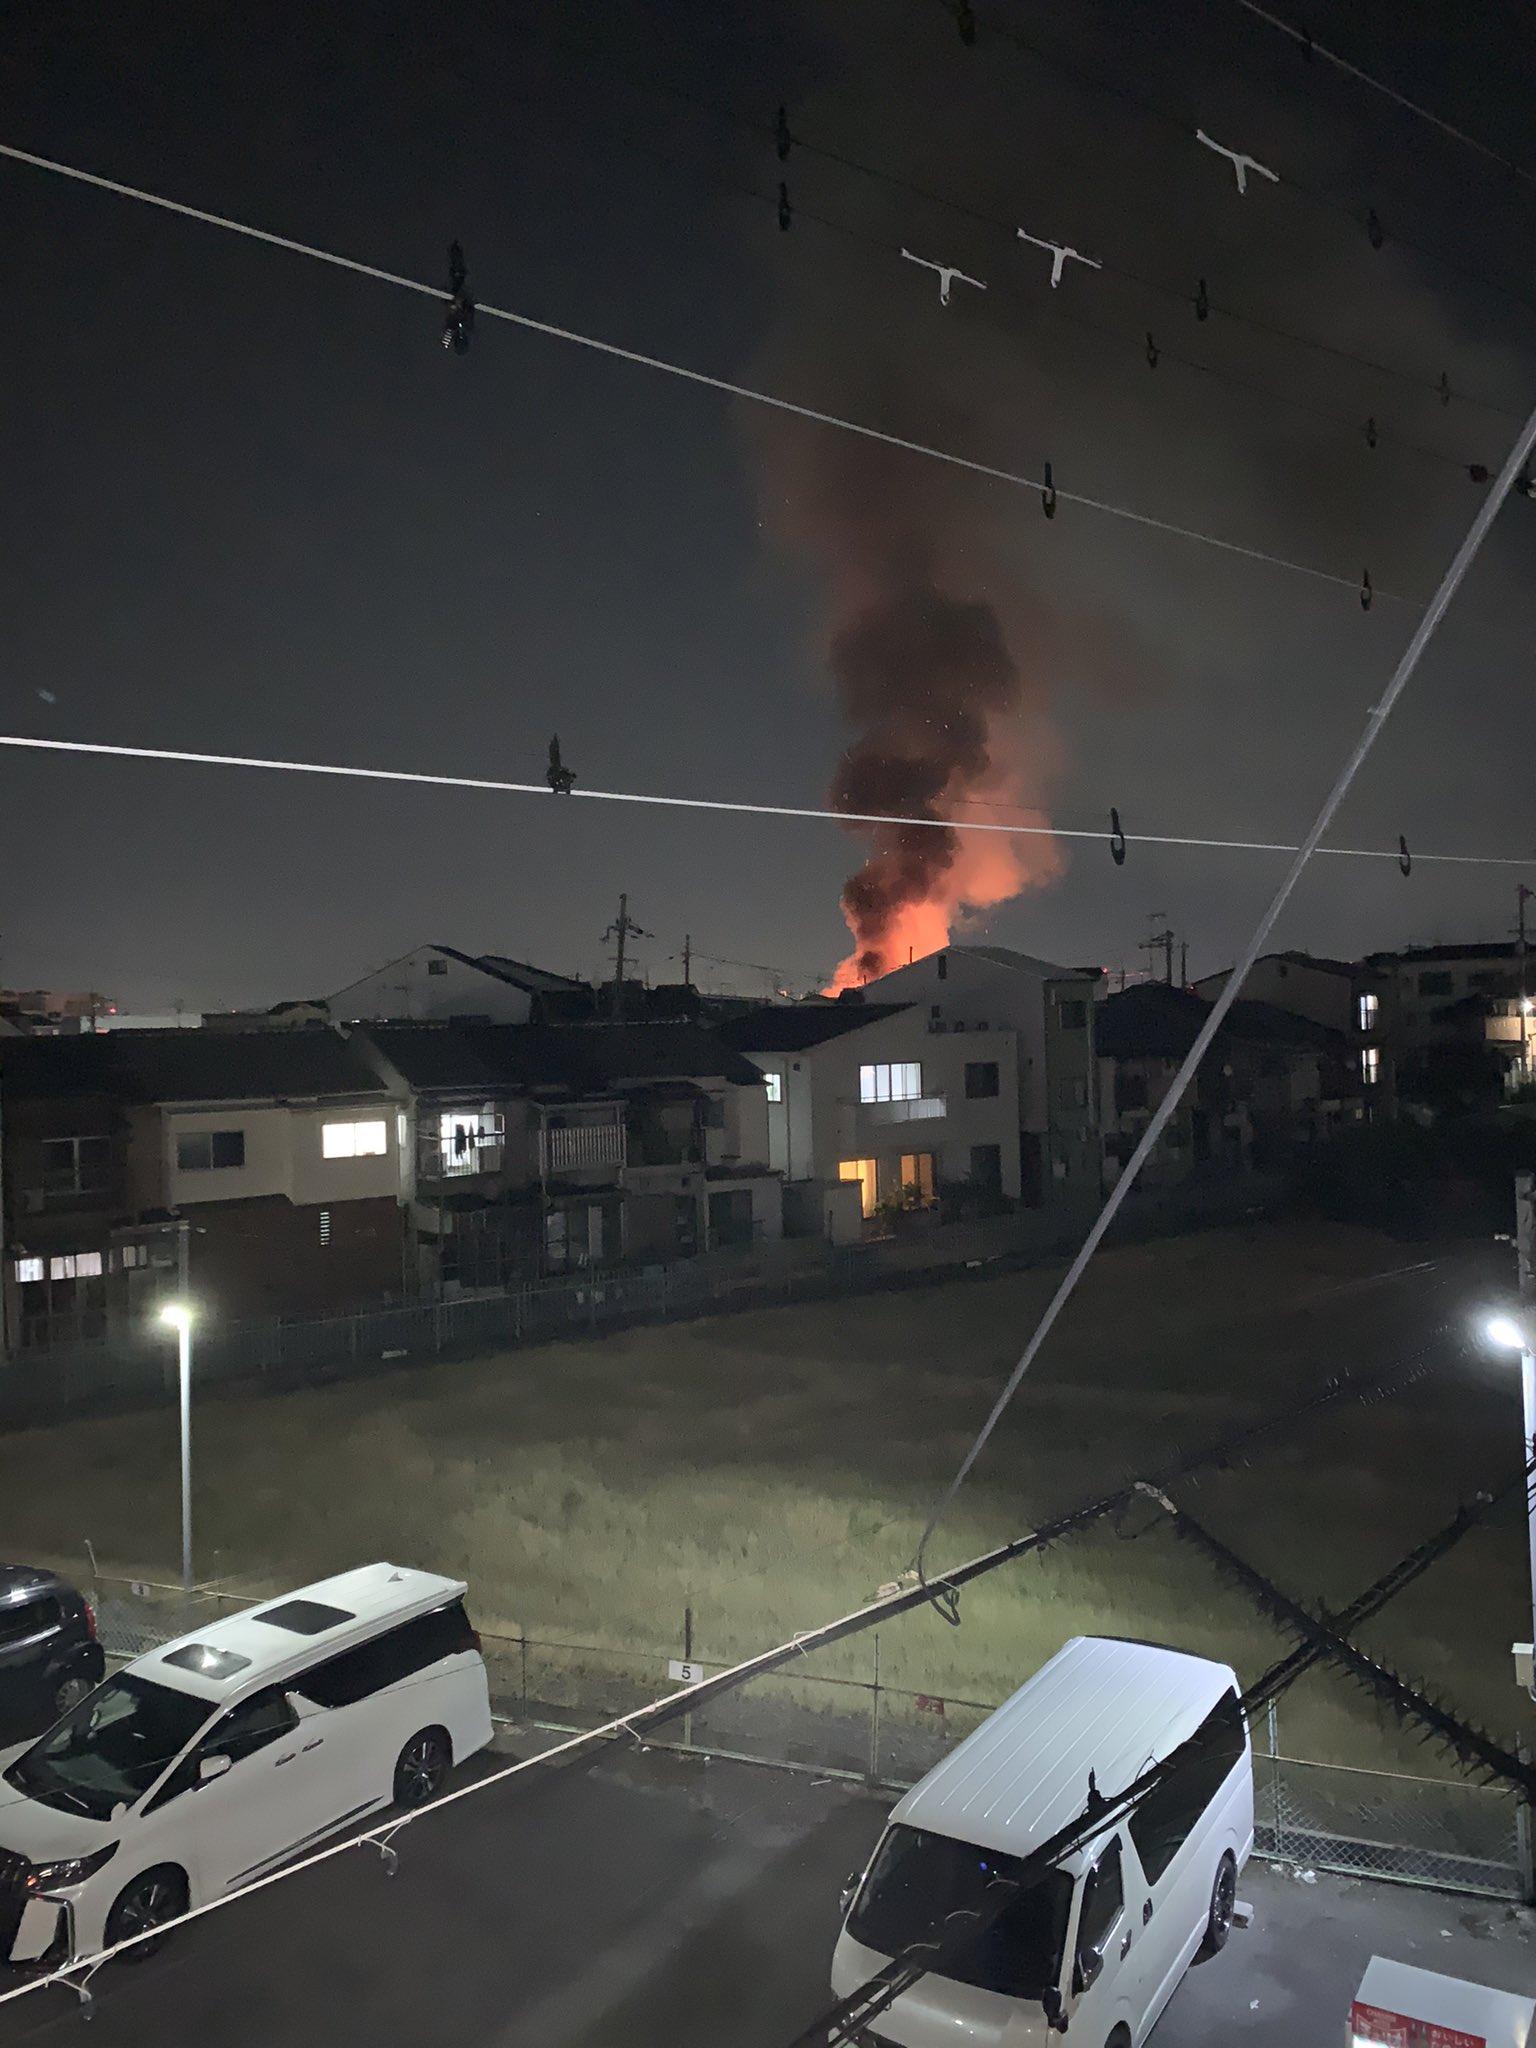 画像,摂津市鳥飼西で火災が発生しています。近隣の方はご注意下さい。#摂津市#火災 https://t.co/eimfBUV35C…